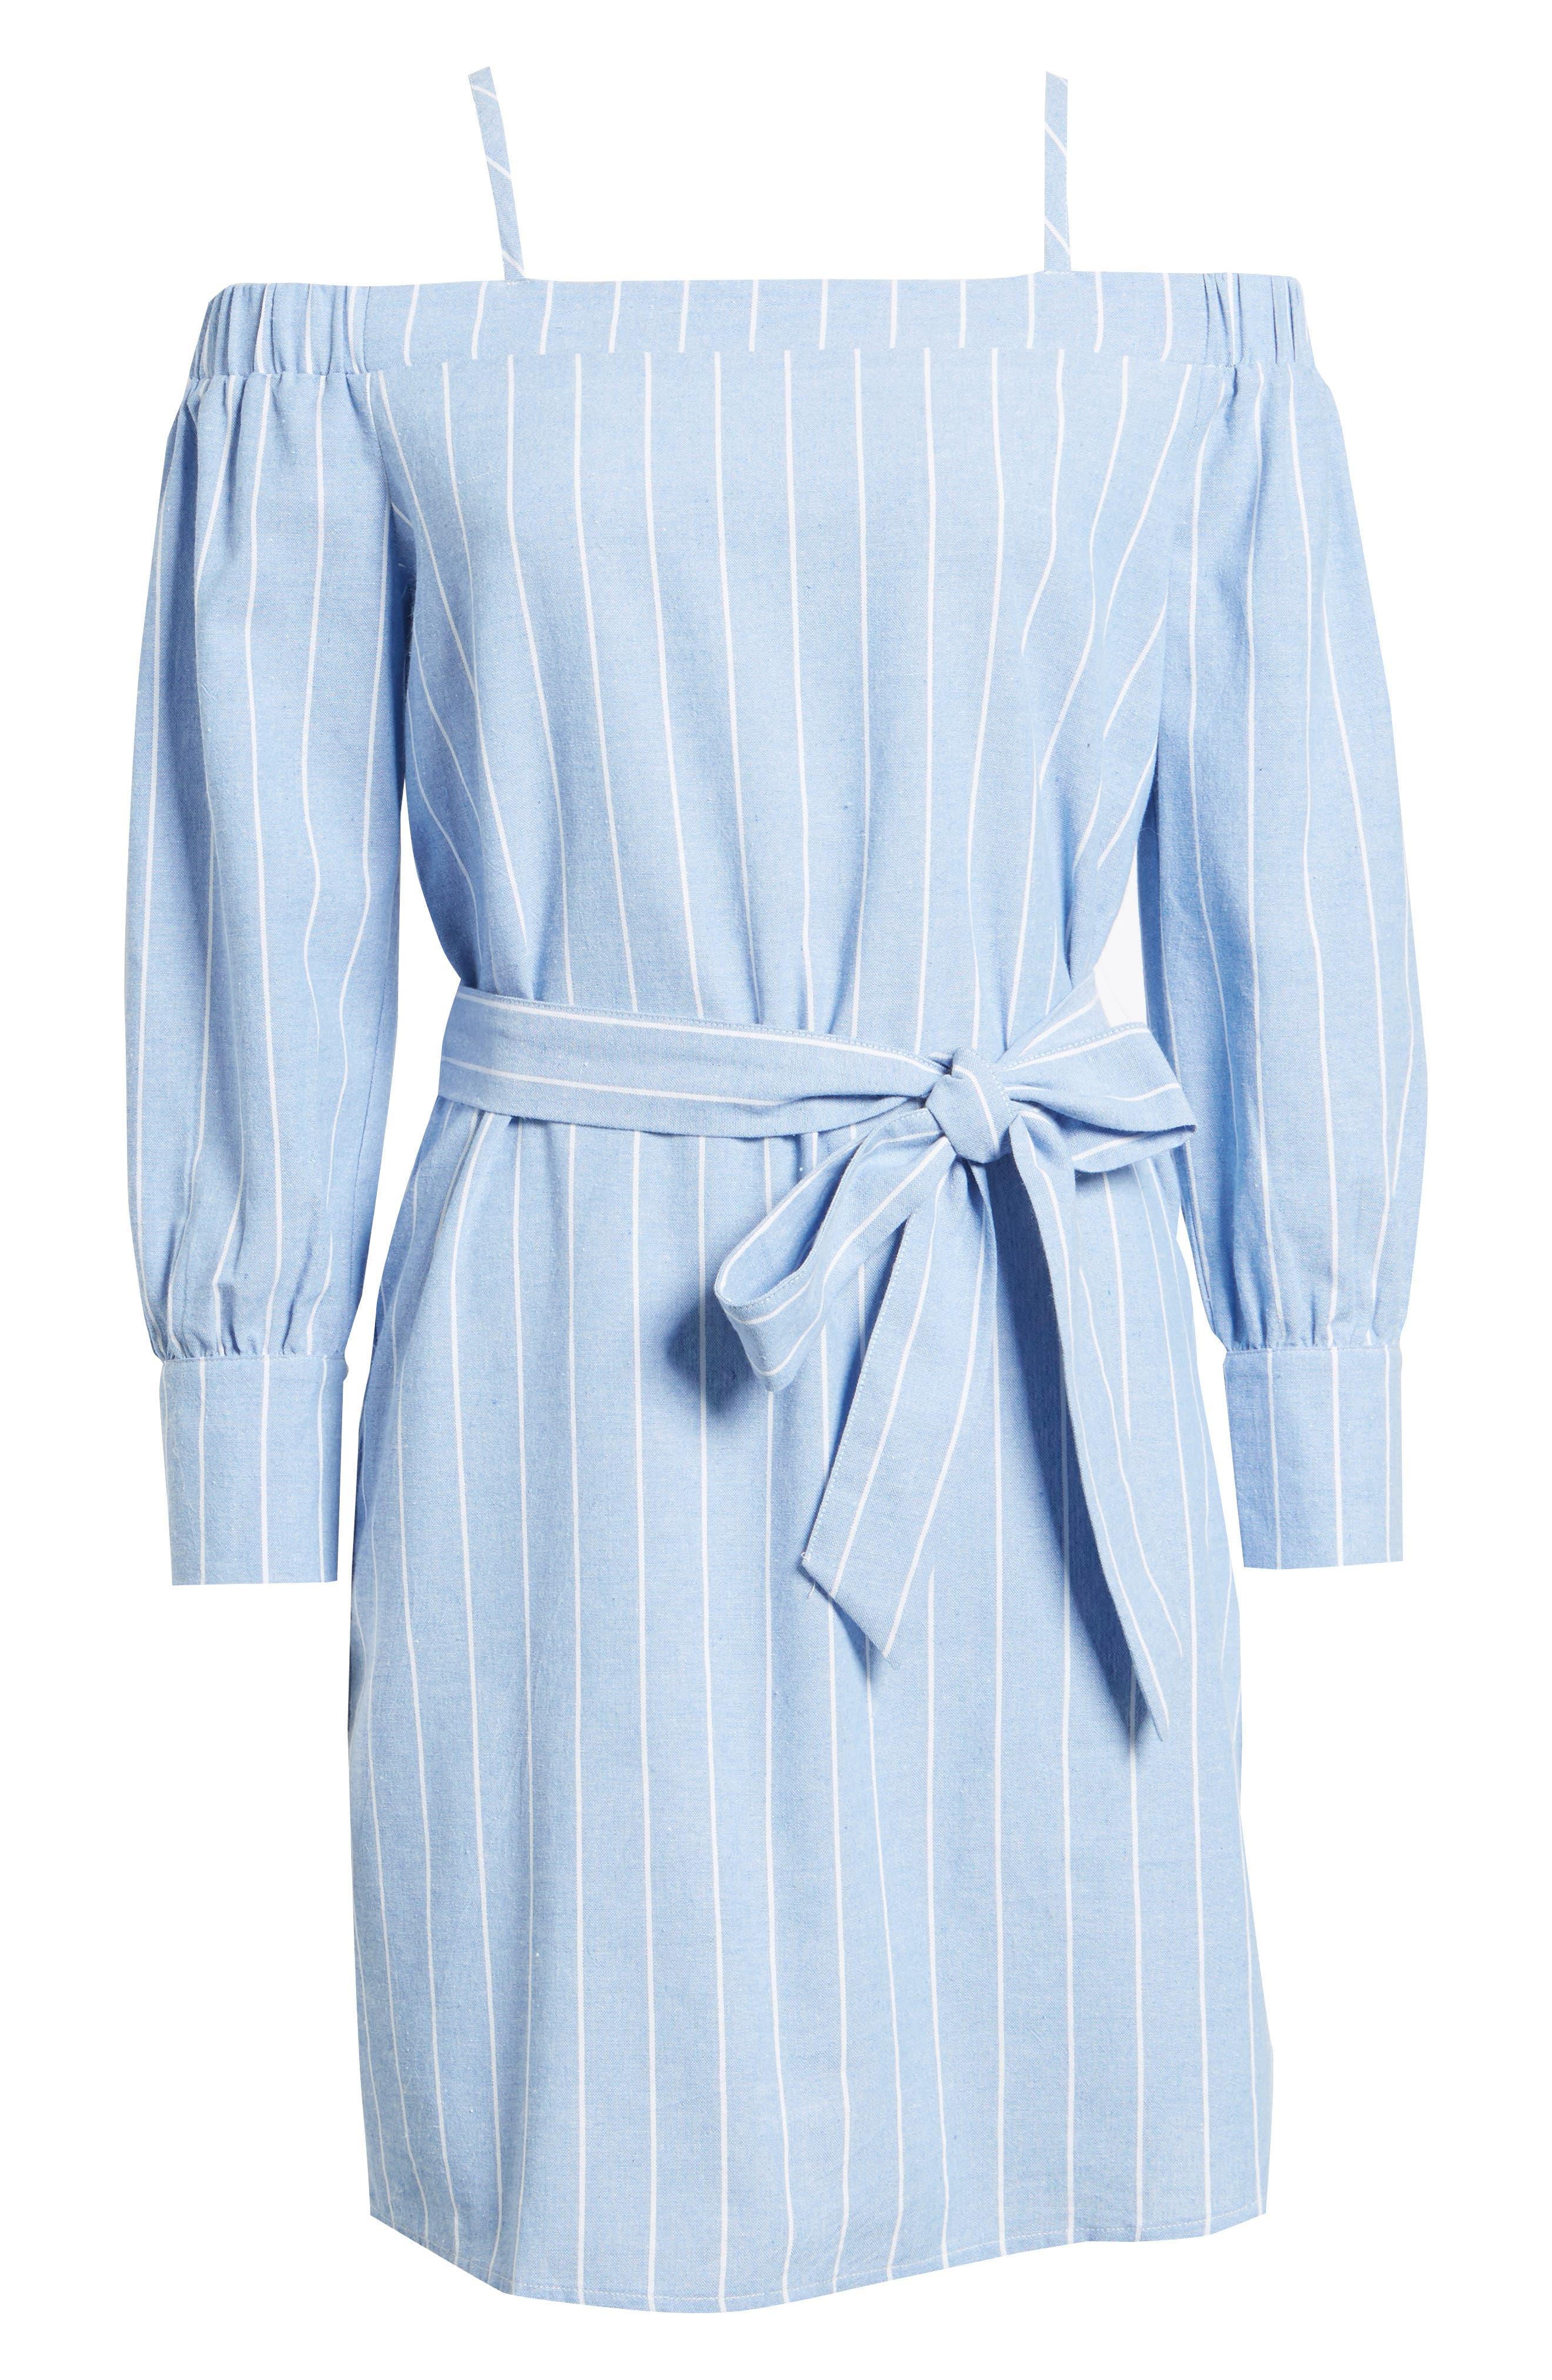 Bishop + Young Chrissy Cold Shoulder Dress,                             Alternate thumbnail 6, color,                             400